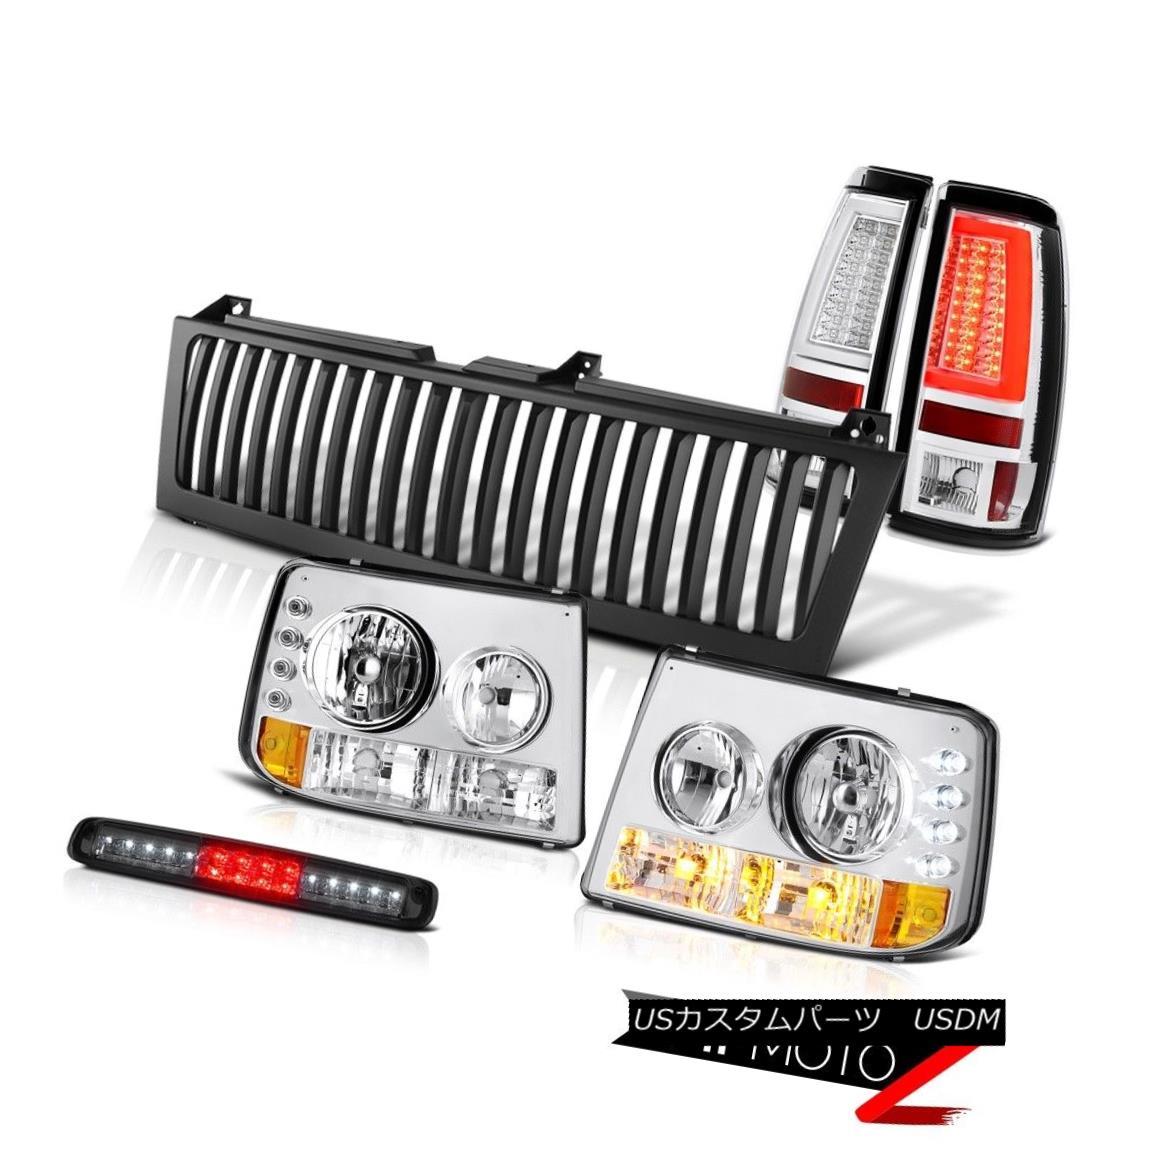 テールライト 99-02 Silverado 6.0L Taillamps Vertical Grille Smoked Roof Cab Lamp